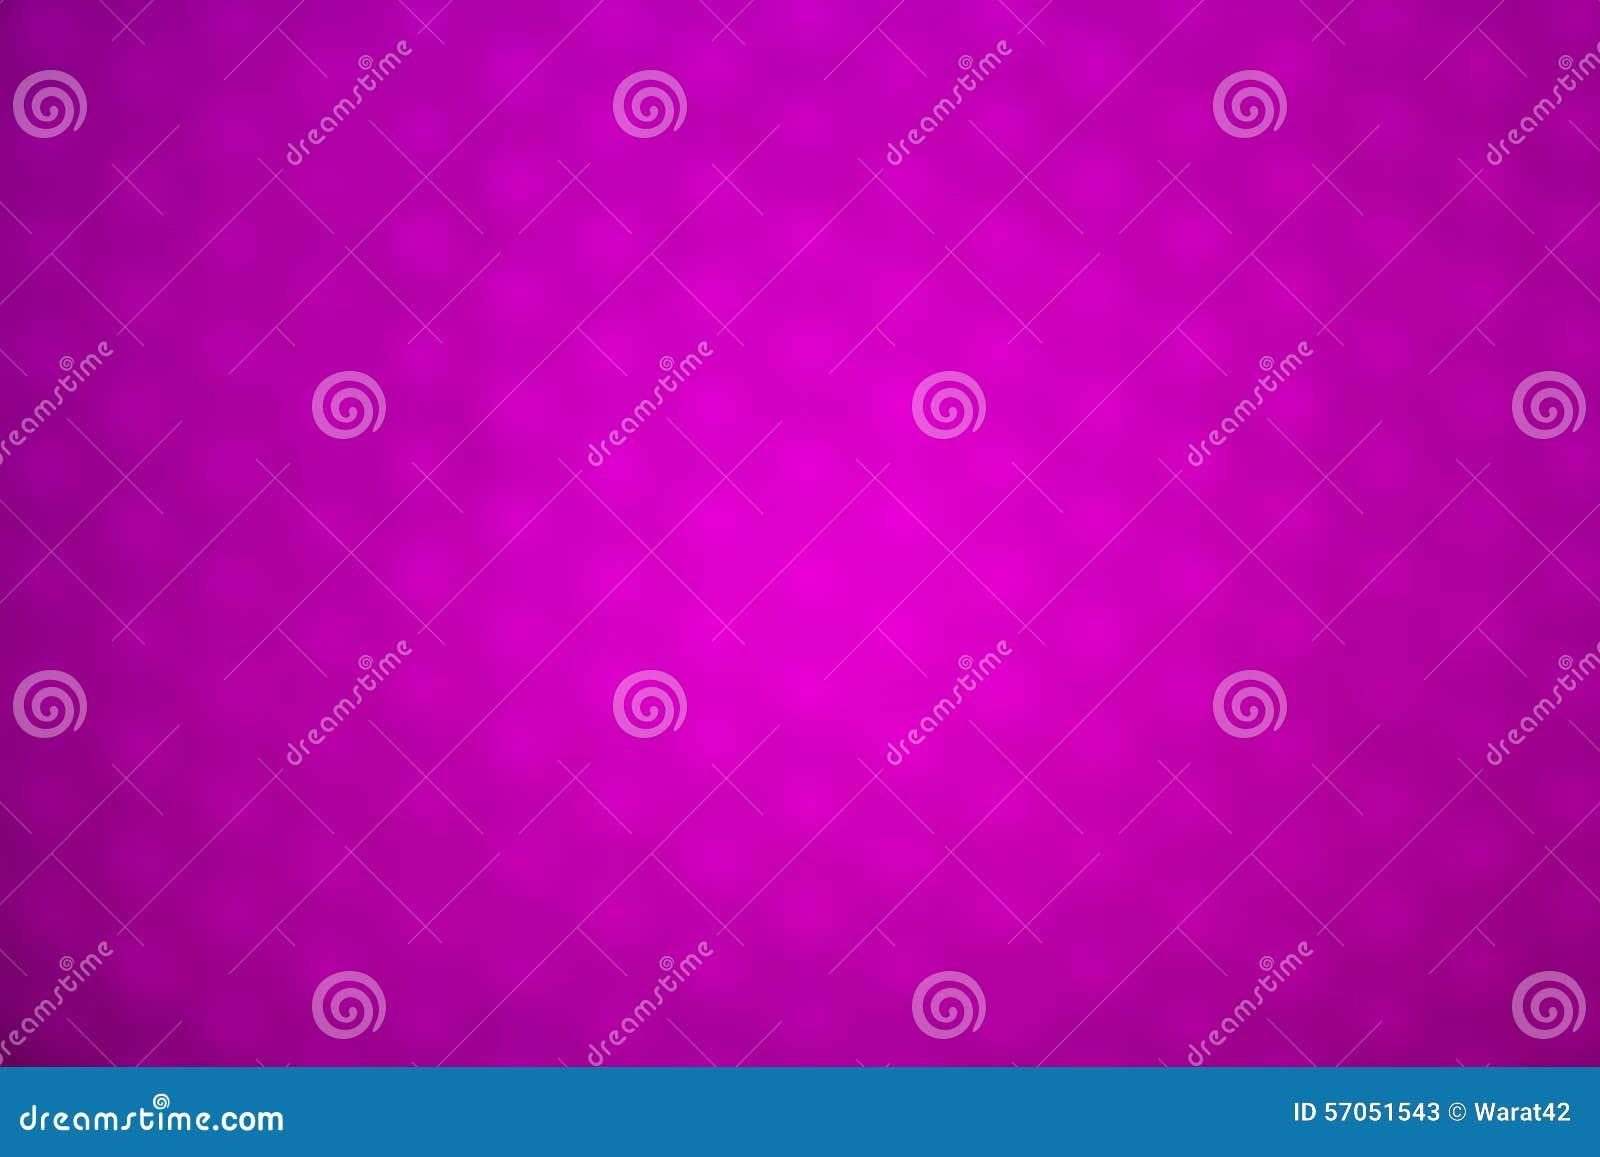 De roze oppervlakte met een punt, sluit hoog vaag beeld